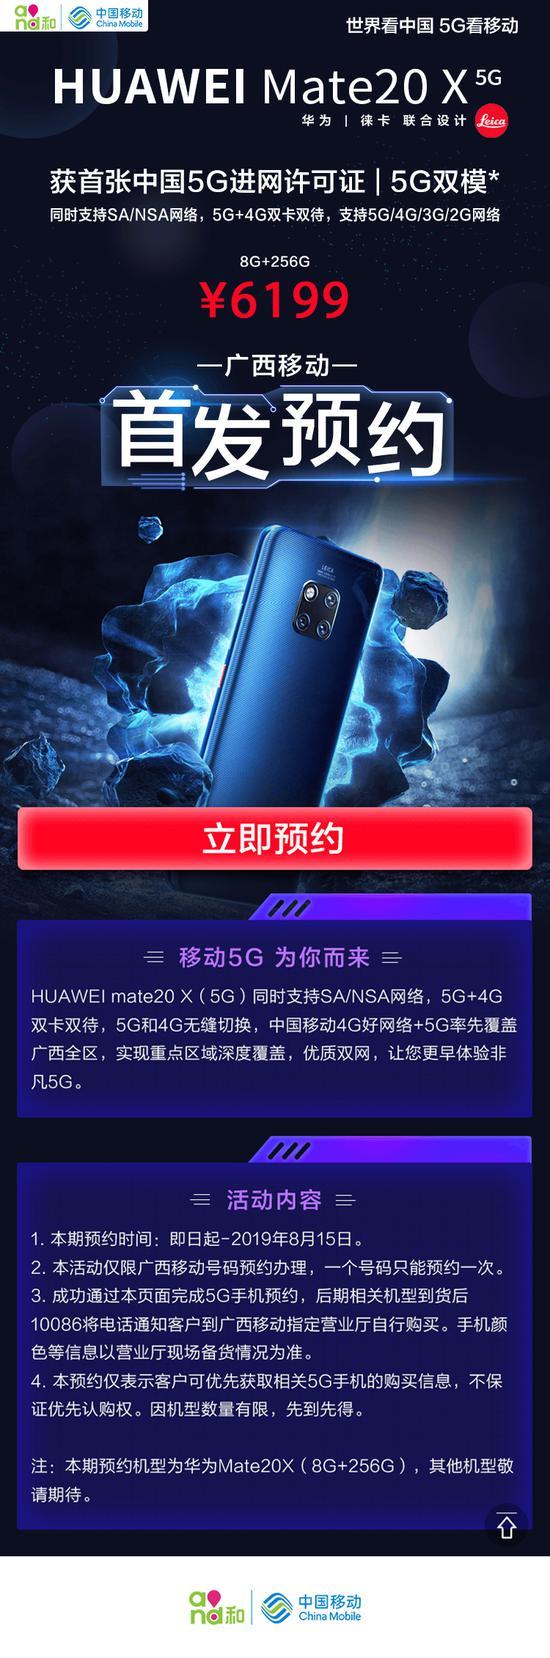 移动5G手机正式上市销售 广西迎来首位5G用户